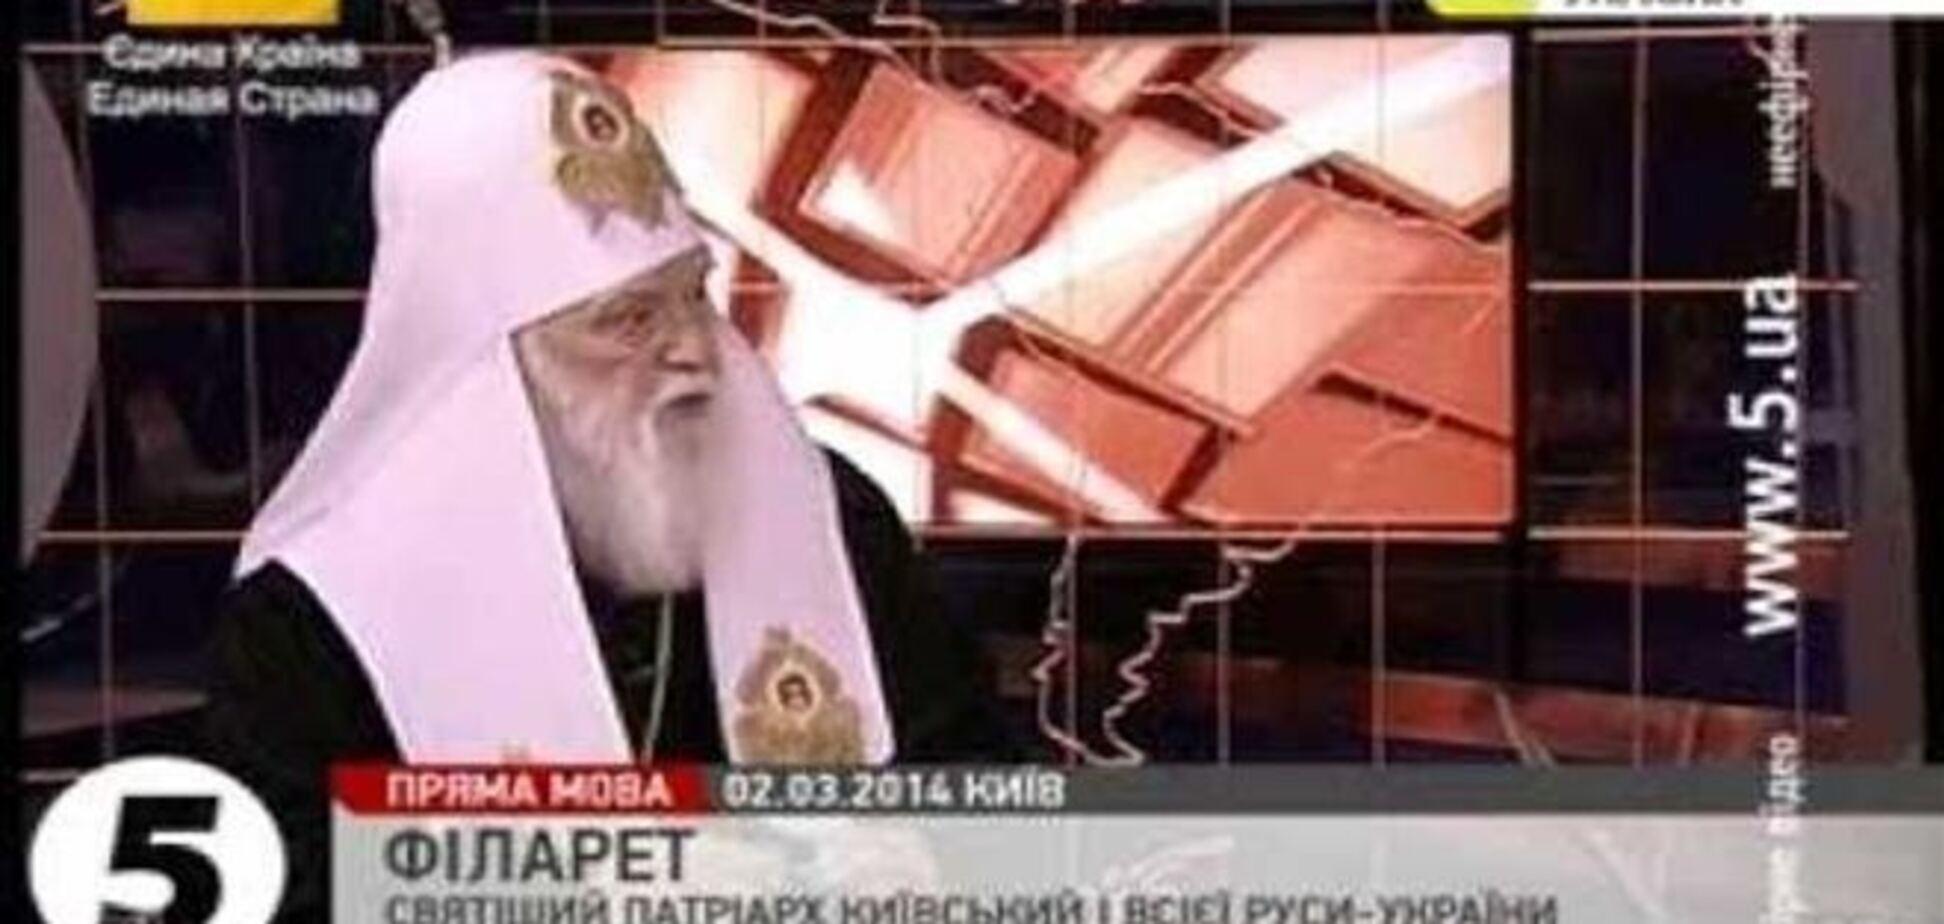 Филарет призвал бояться Бога, а не российской агрессии